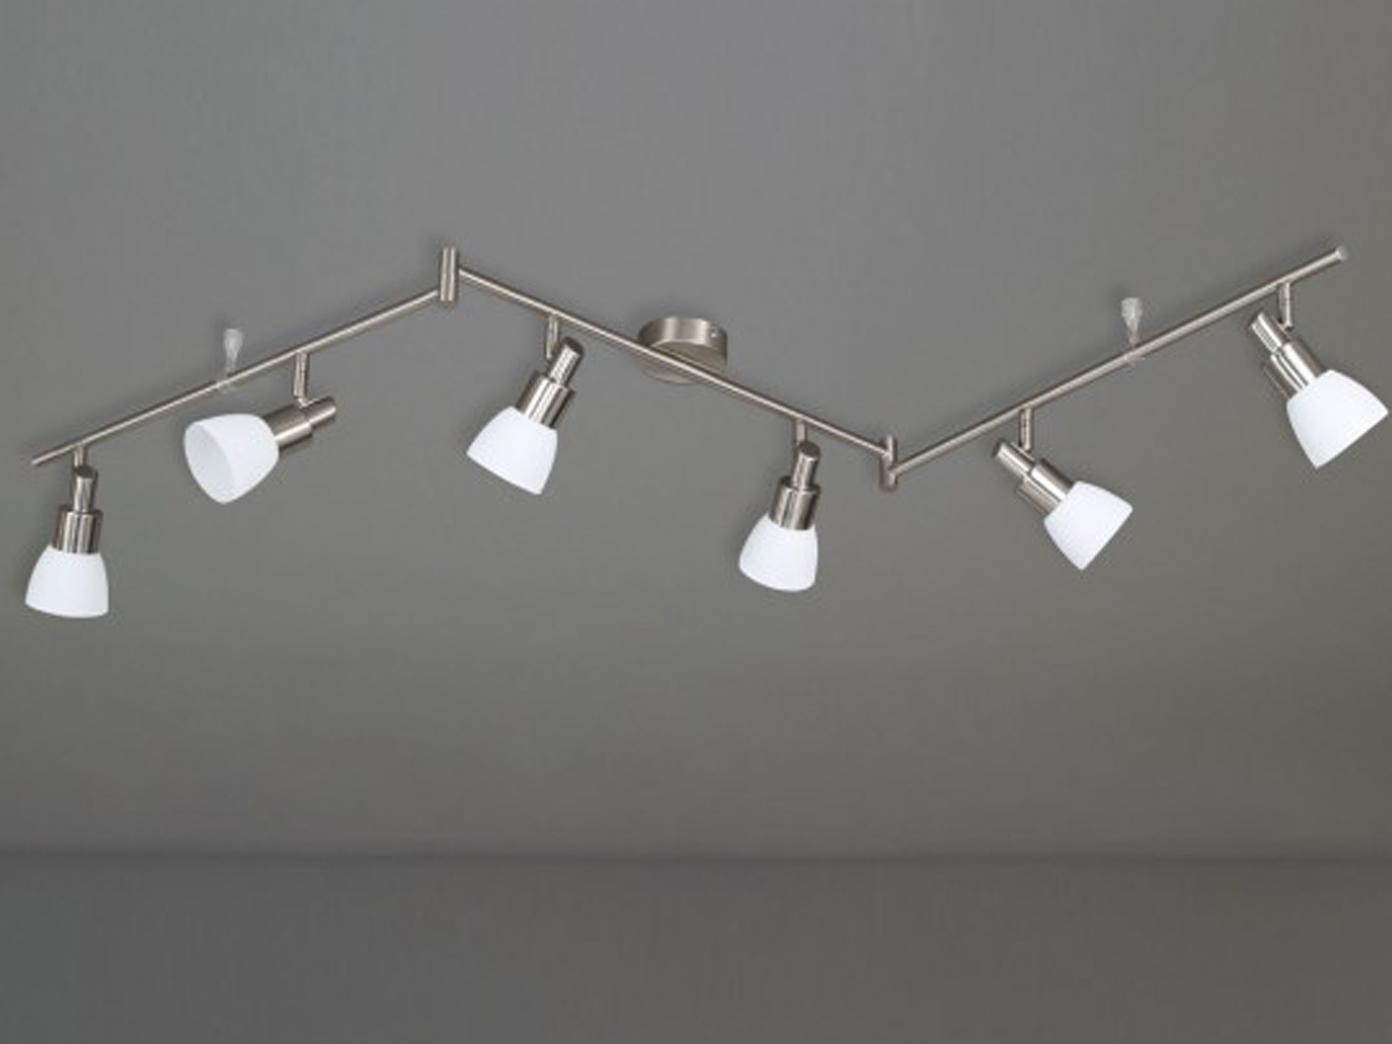 led deckenleuchte 6 flg schwenkbar nickel matt wofi leuchten ebay. Black Bedroom Furniture Sets. Home Design Ideas